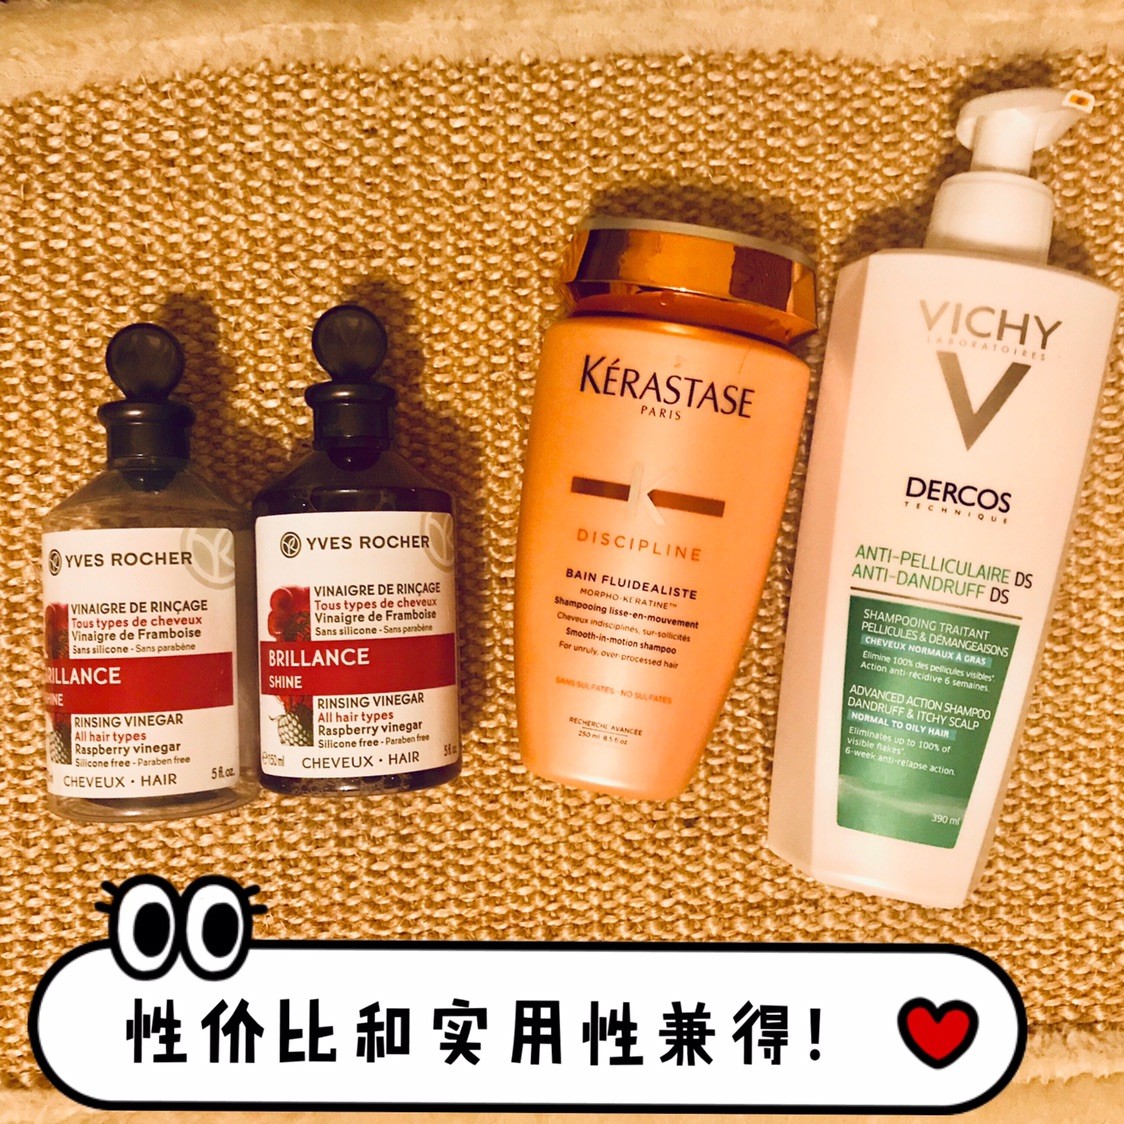 薇姿去屑洗发水使用感后续来啦🥰顺便推荐几款好用的洗发产品